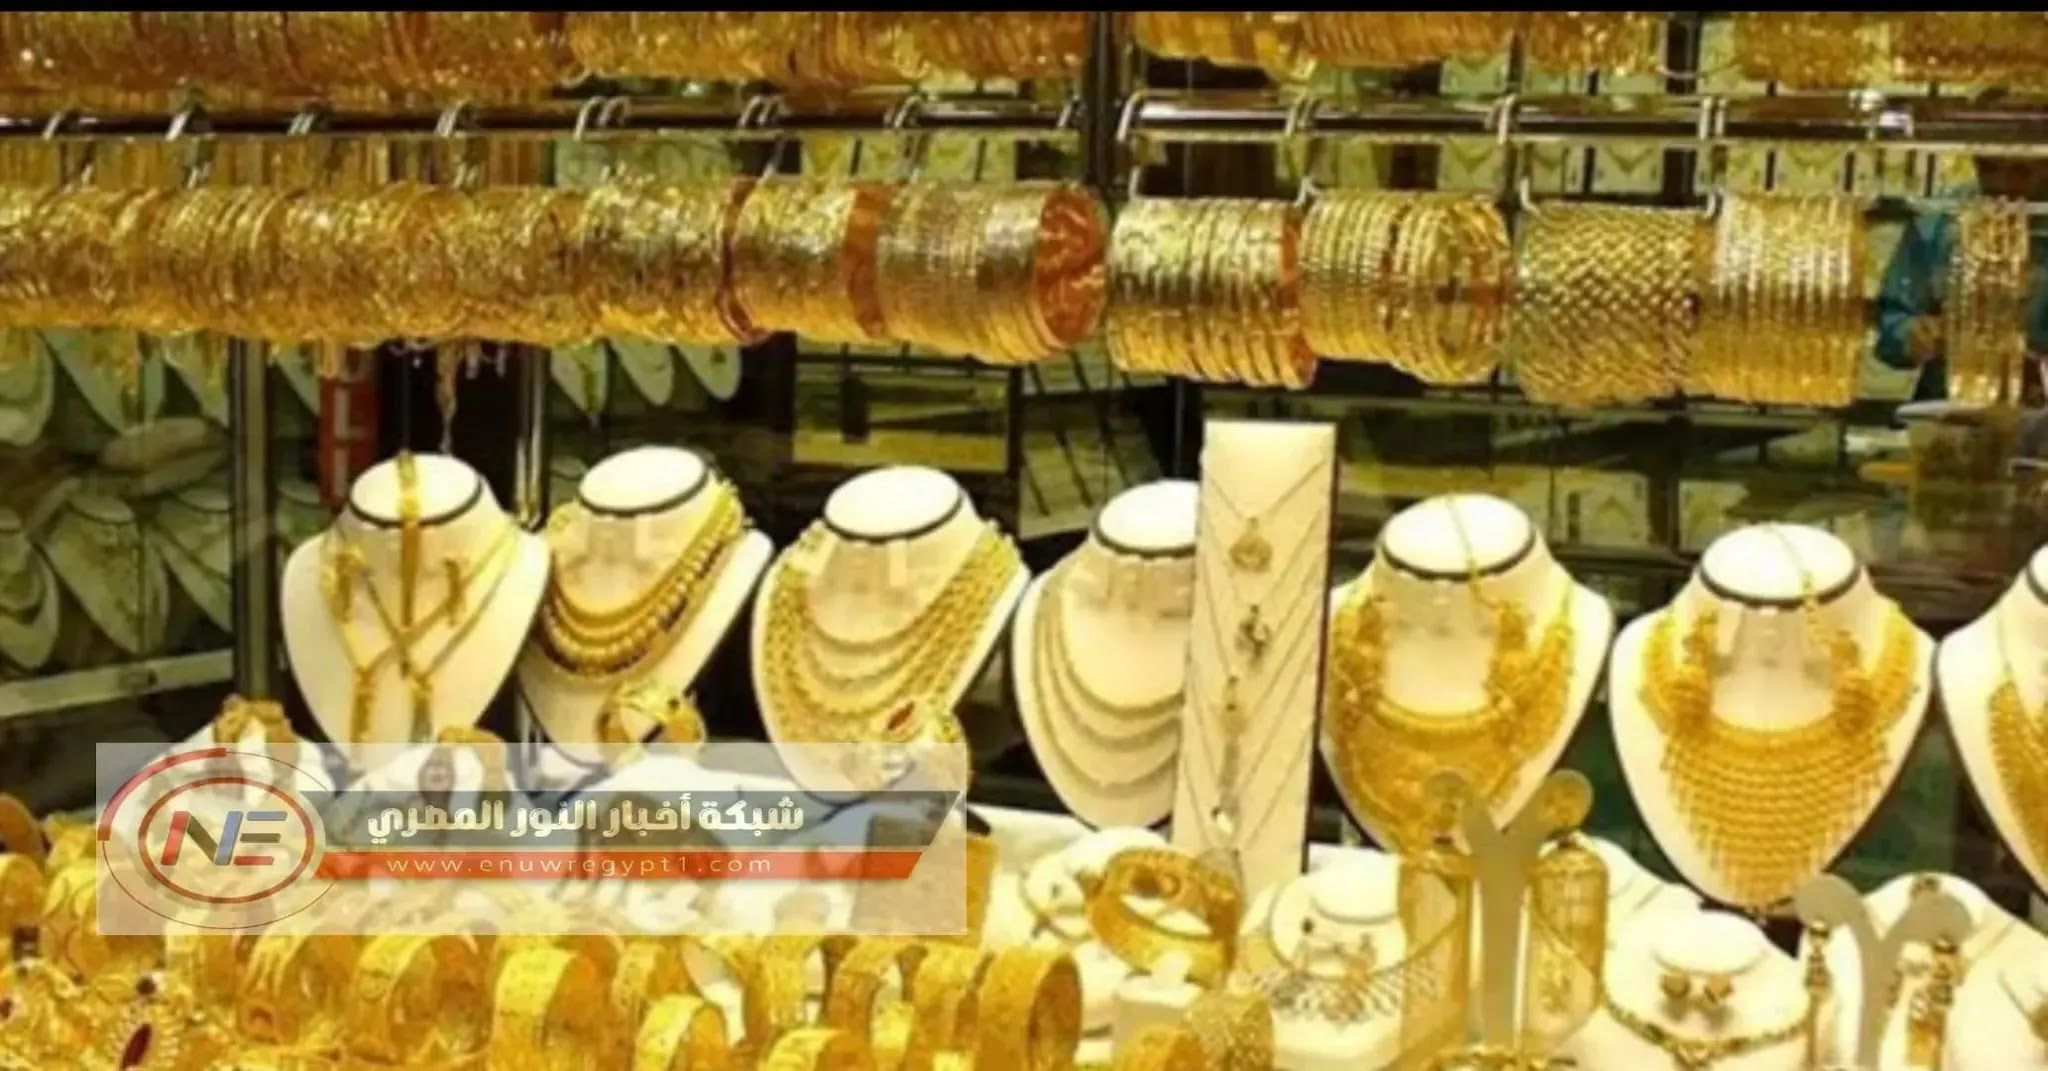 انهيار كبير في اسعار الذهب اليوم في مصر الخميس 04 03 2021 سعر الذهب اليوم في الاسواق المصرية و العالمية In 2021 Gold Price